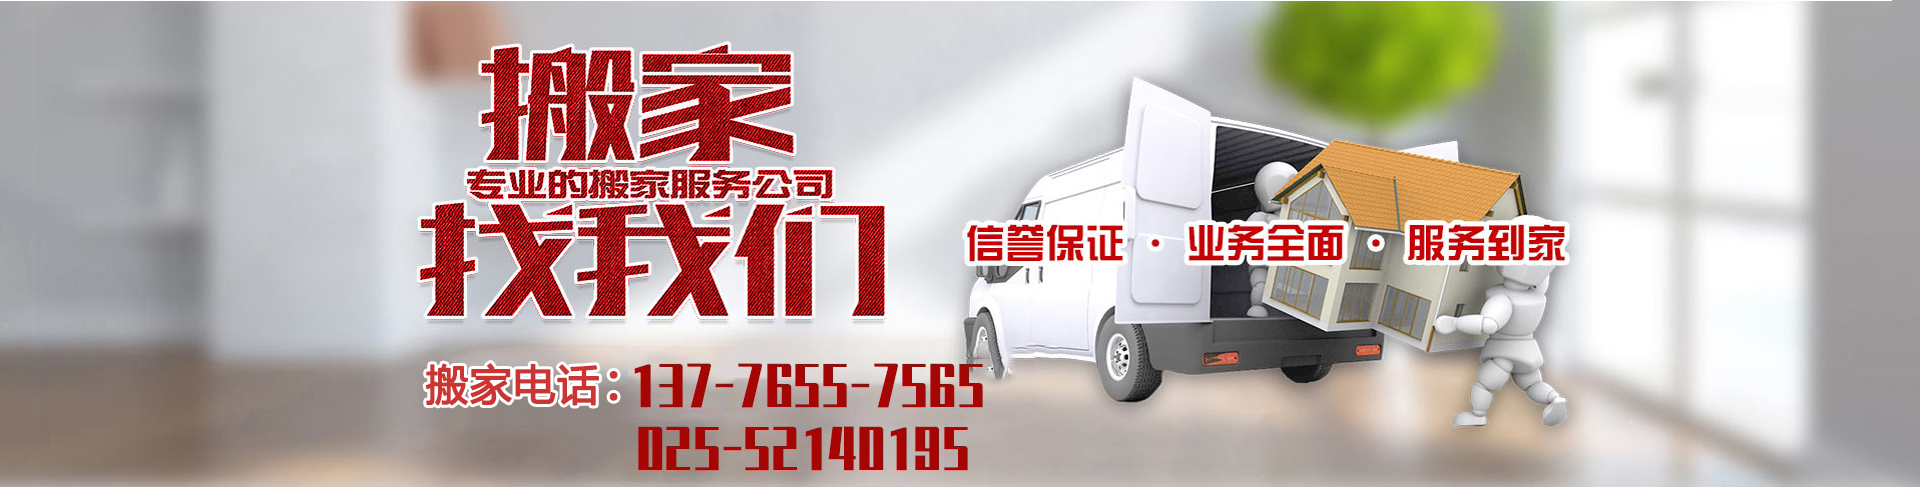 南京搬家公司